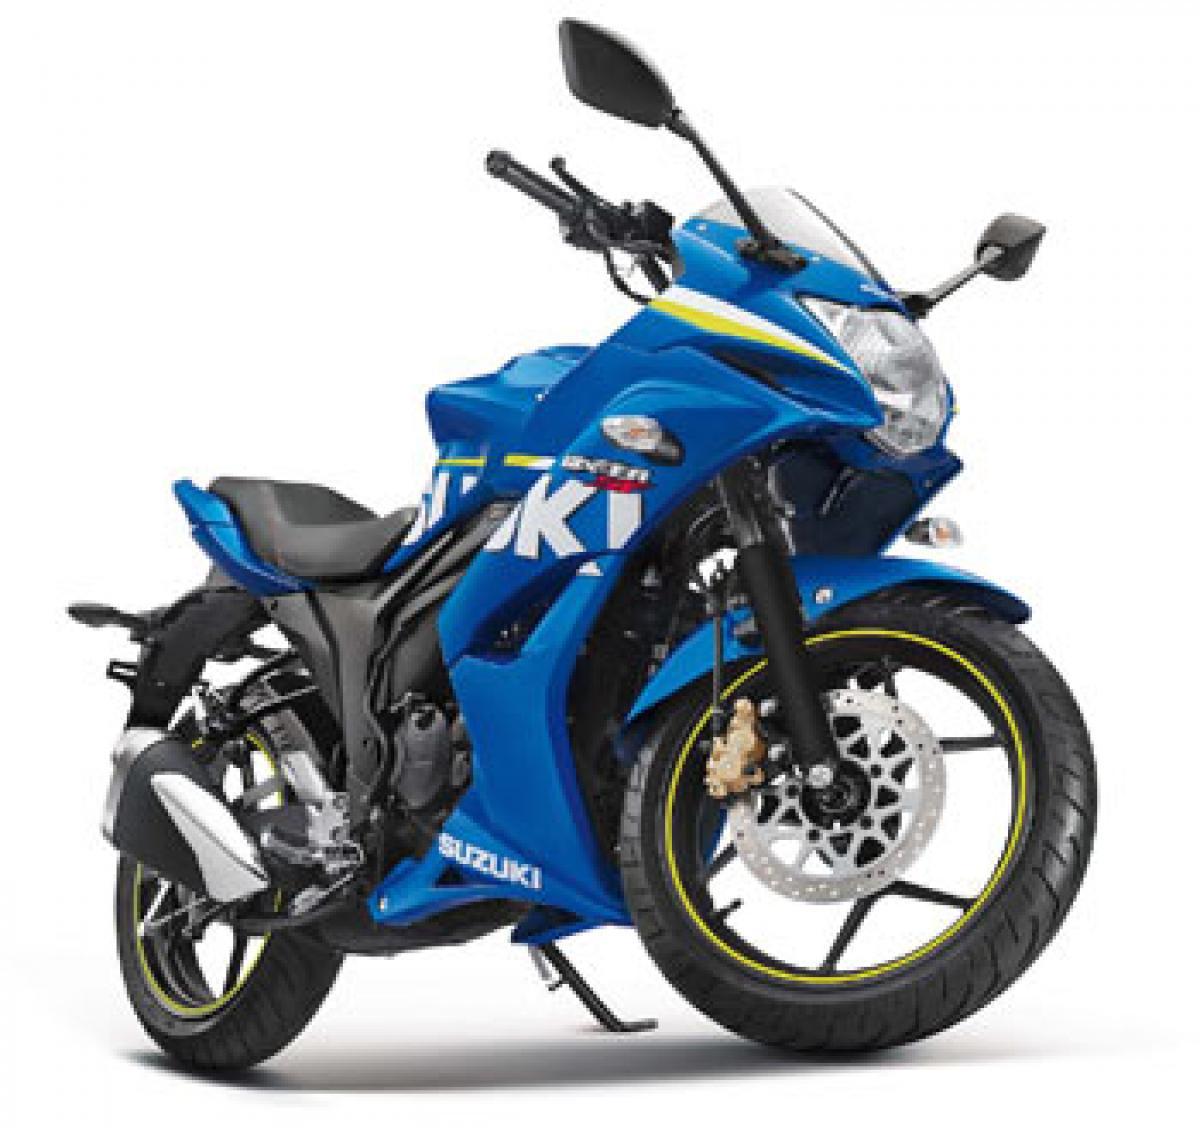 Suzuki to launch the Gixxer 250 in March